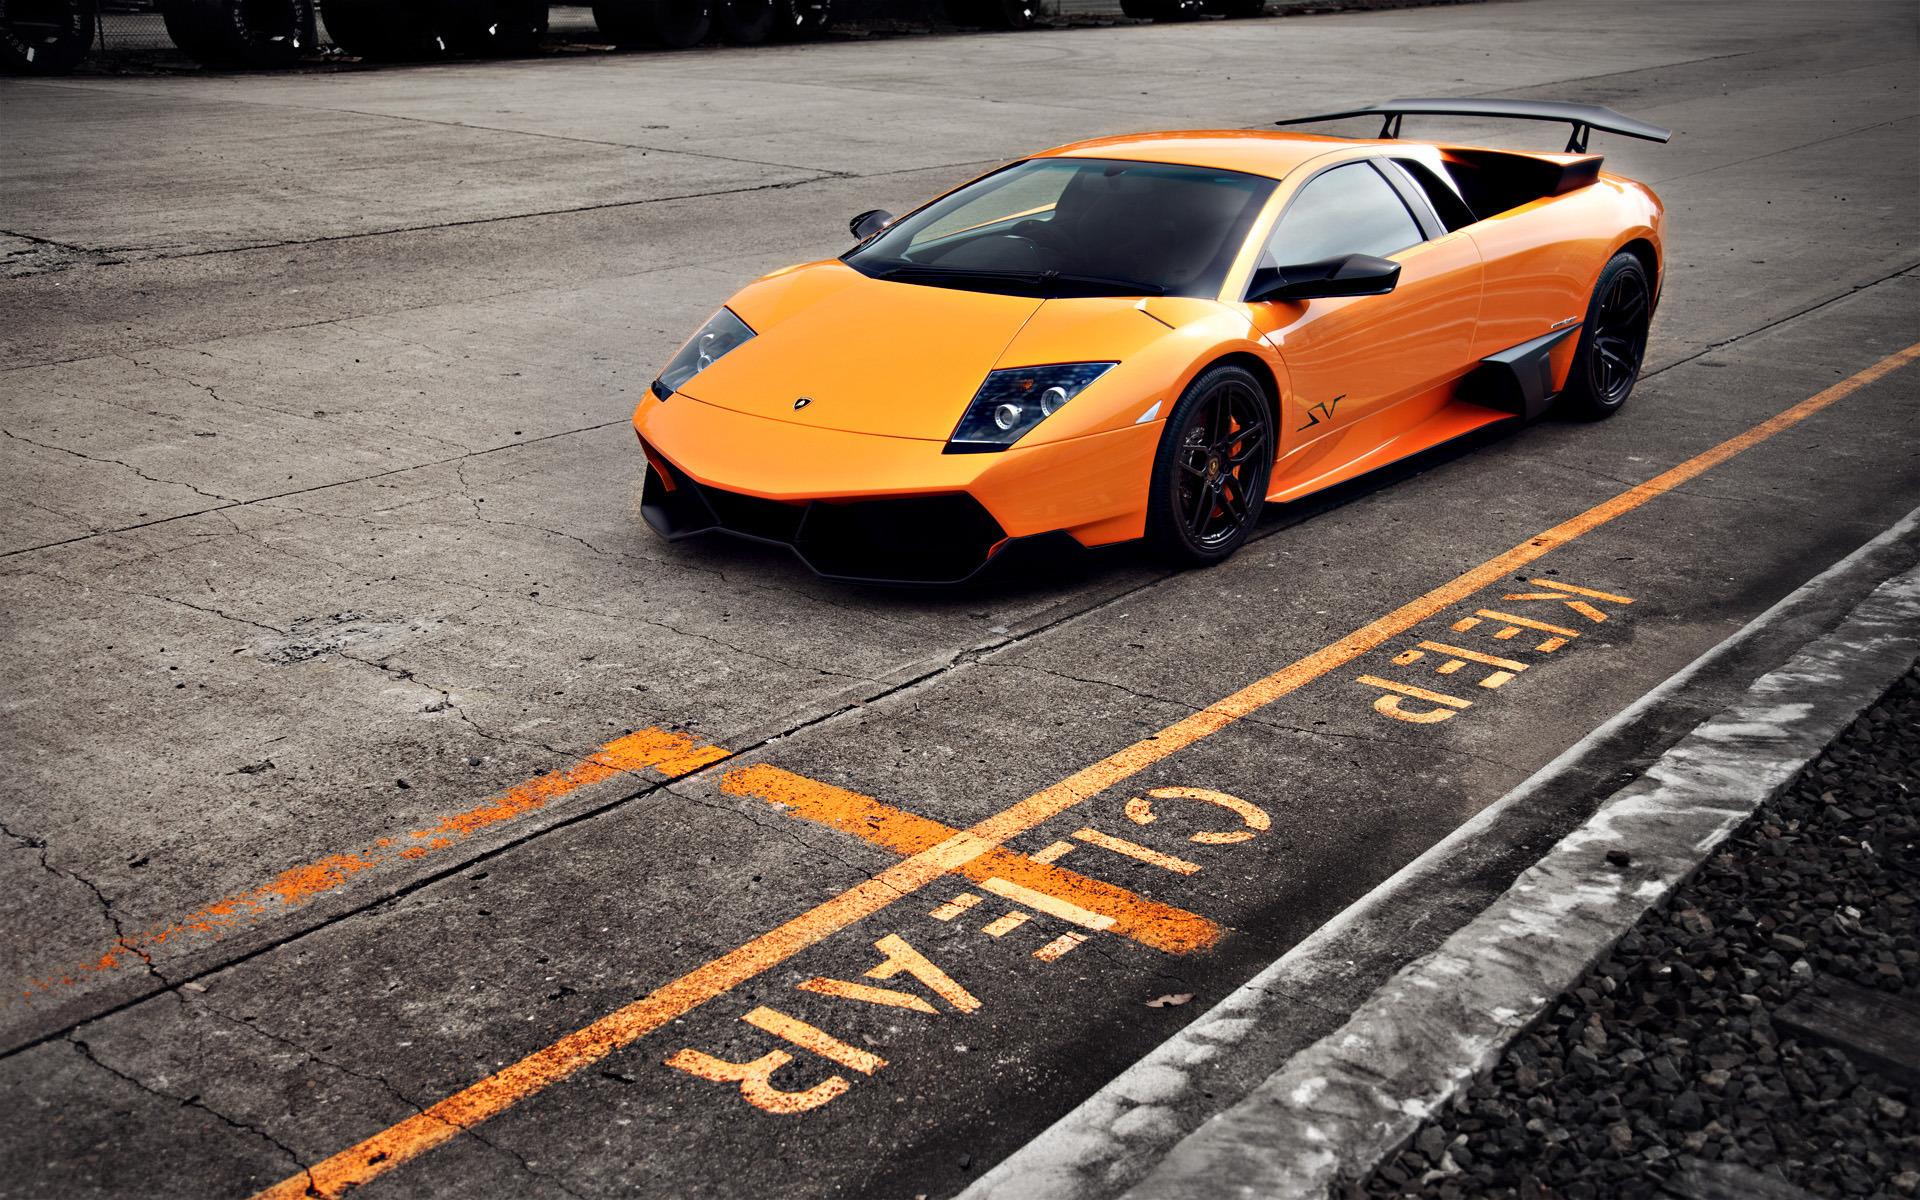 11338 Заставки и Обои Ламборджини (Lamborghini) на телефон. Скачать Ламборджини (Lamborghini), Транспорт, Машины картинки бесплатно